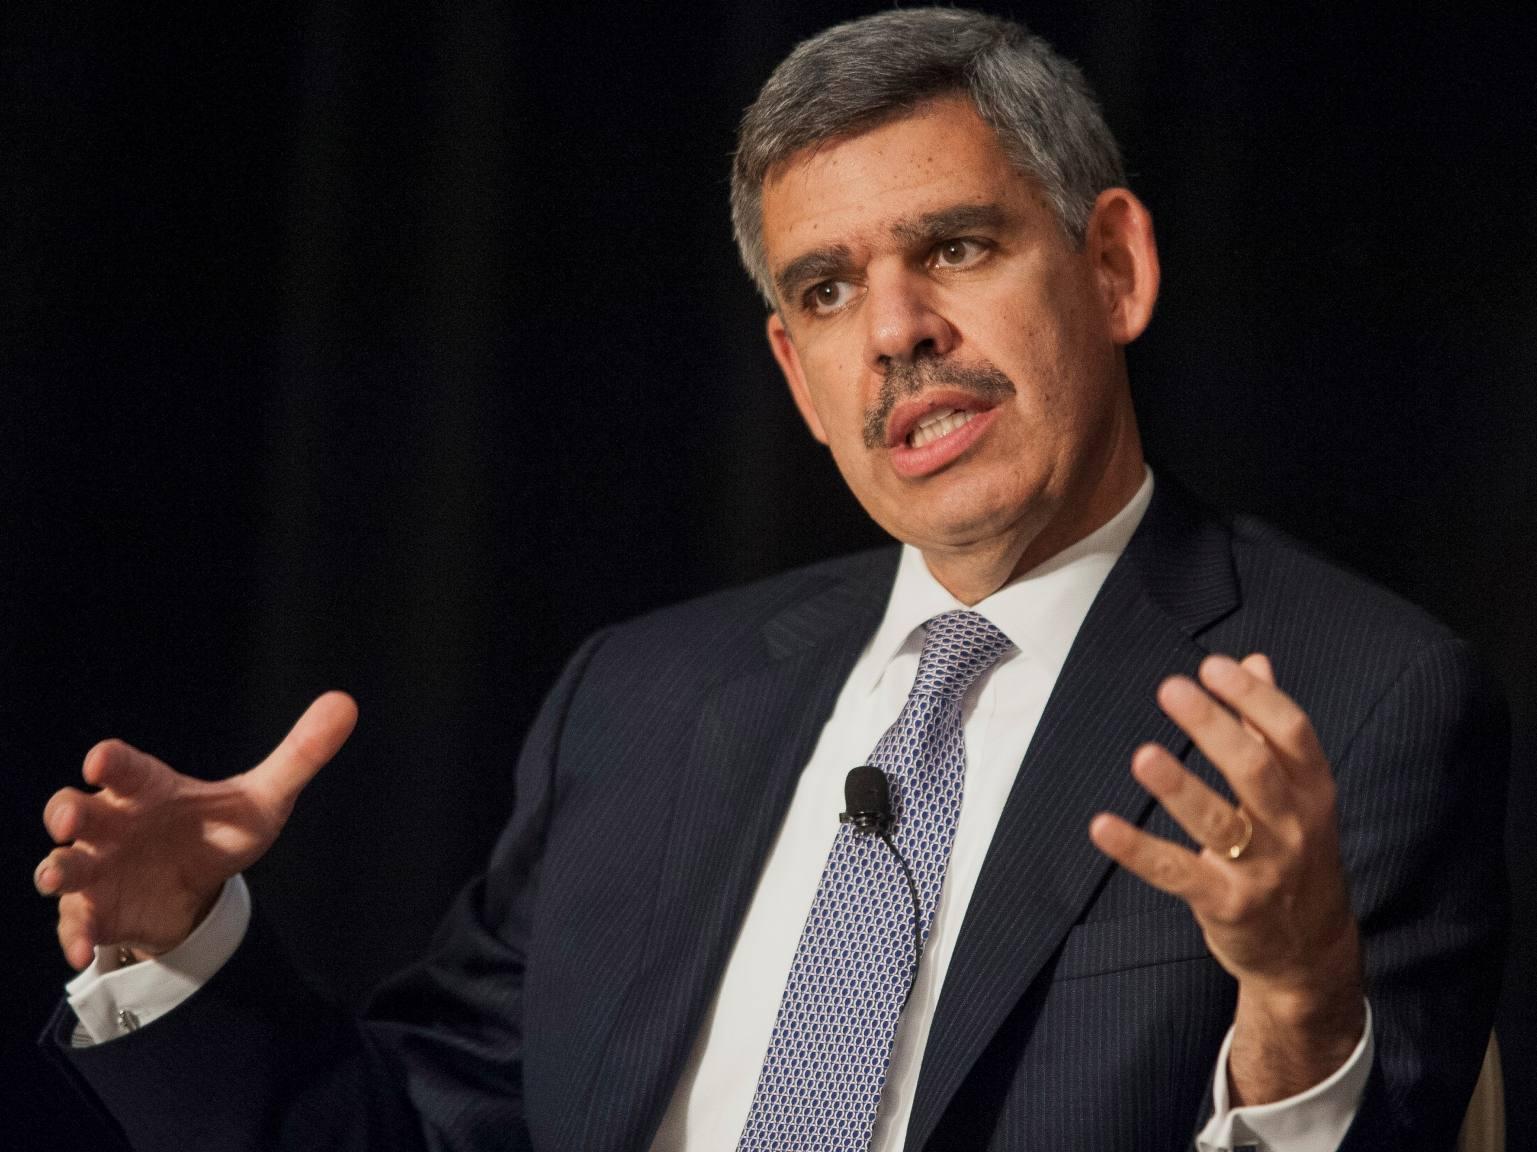 العريان يتوقع رفع الفائدة الأوروبية على المدى القريب